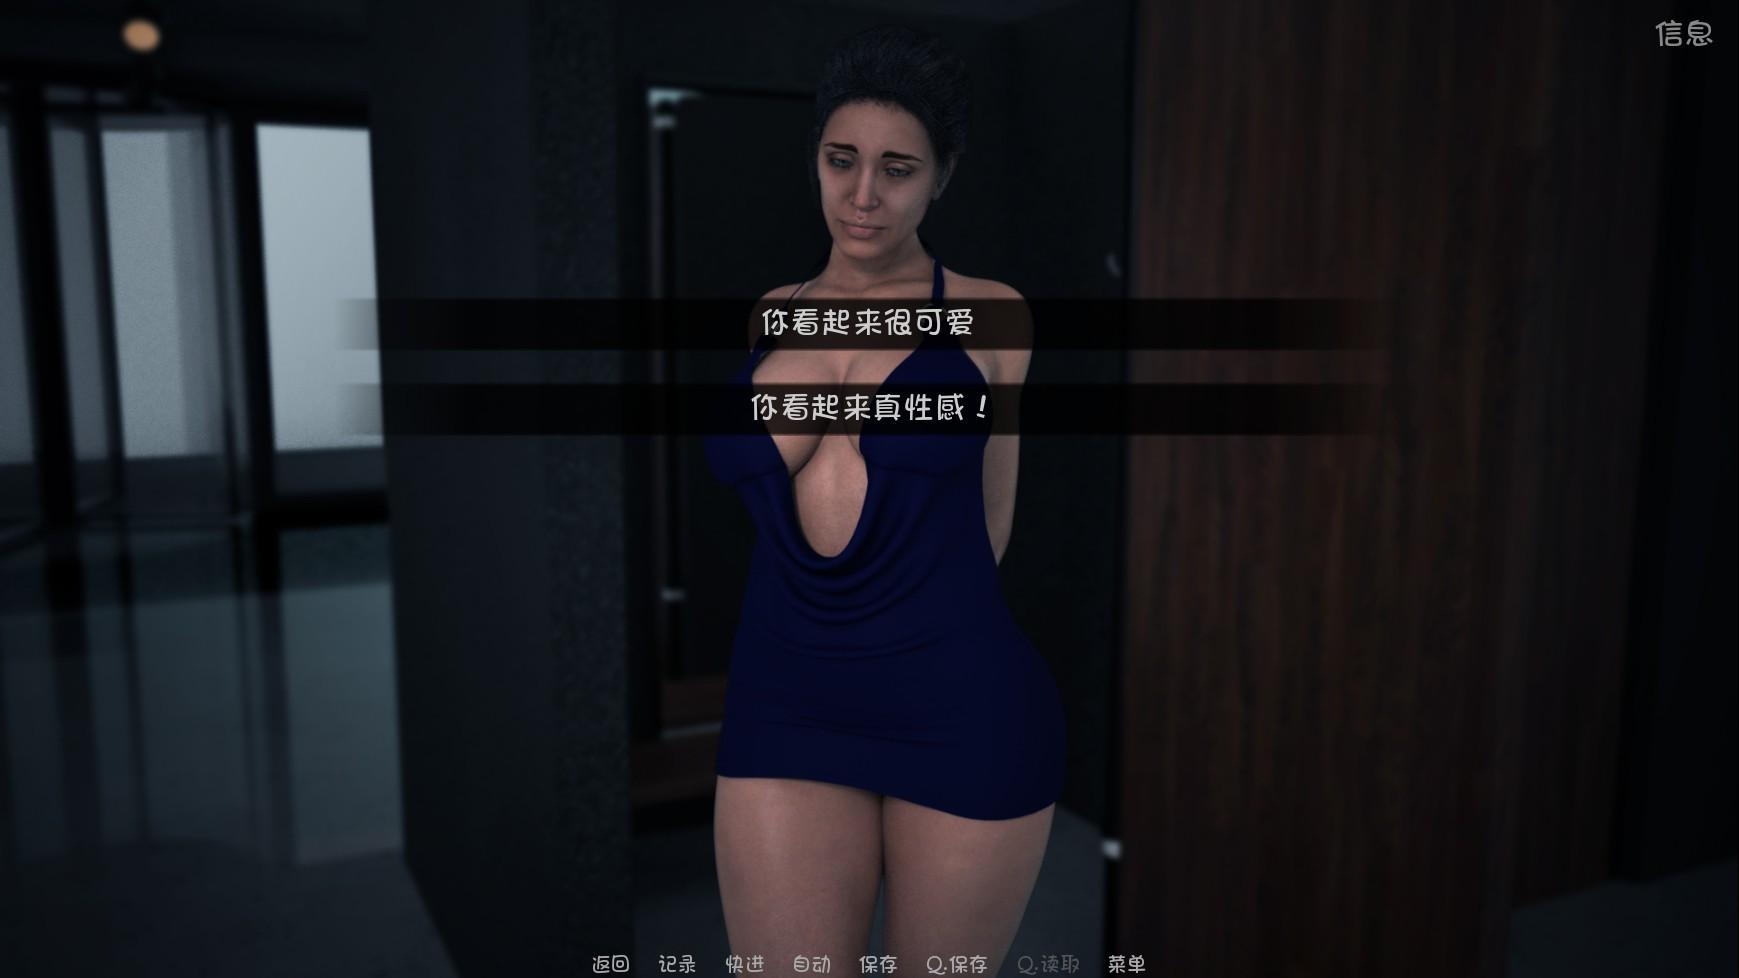 爱的锁链 Chains of pleasure 汉化版【SLG/汉化/动态CG/PC+安卓/600M】